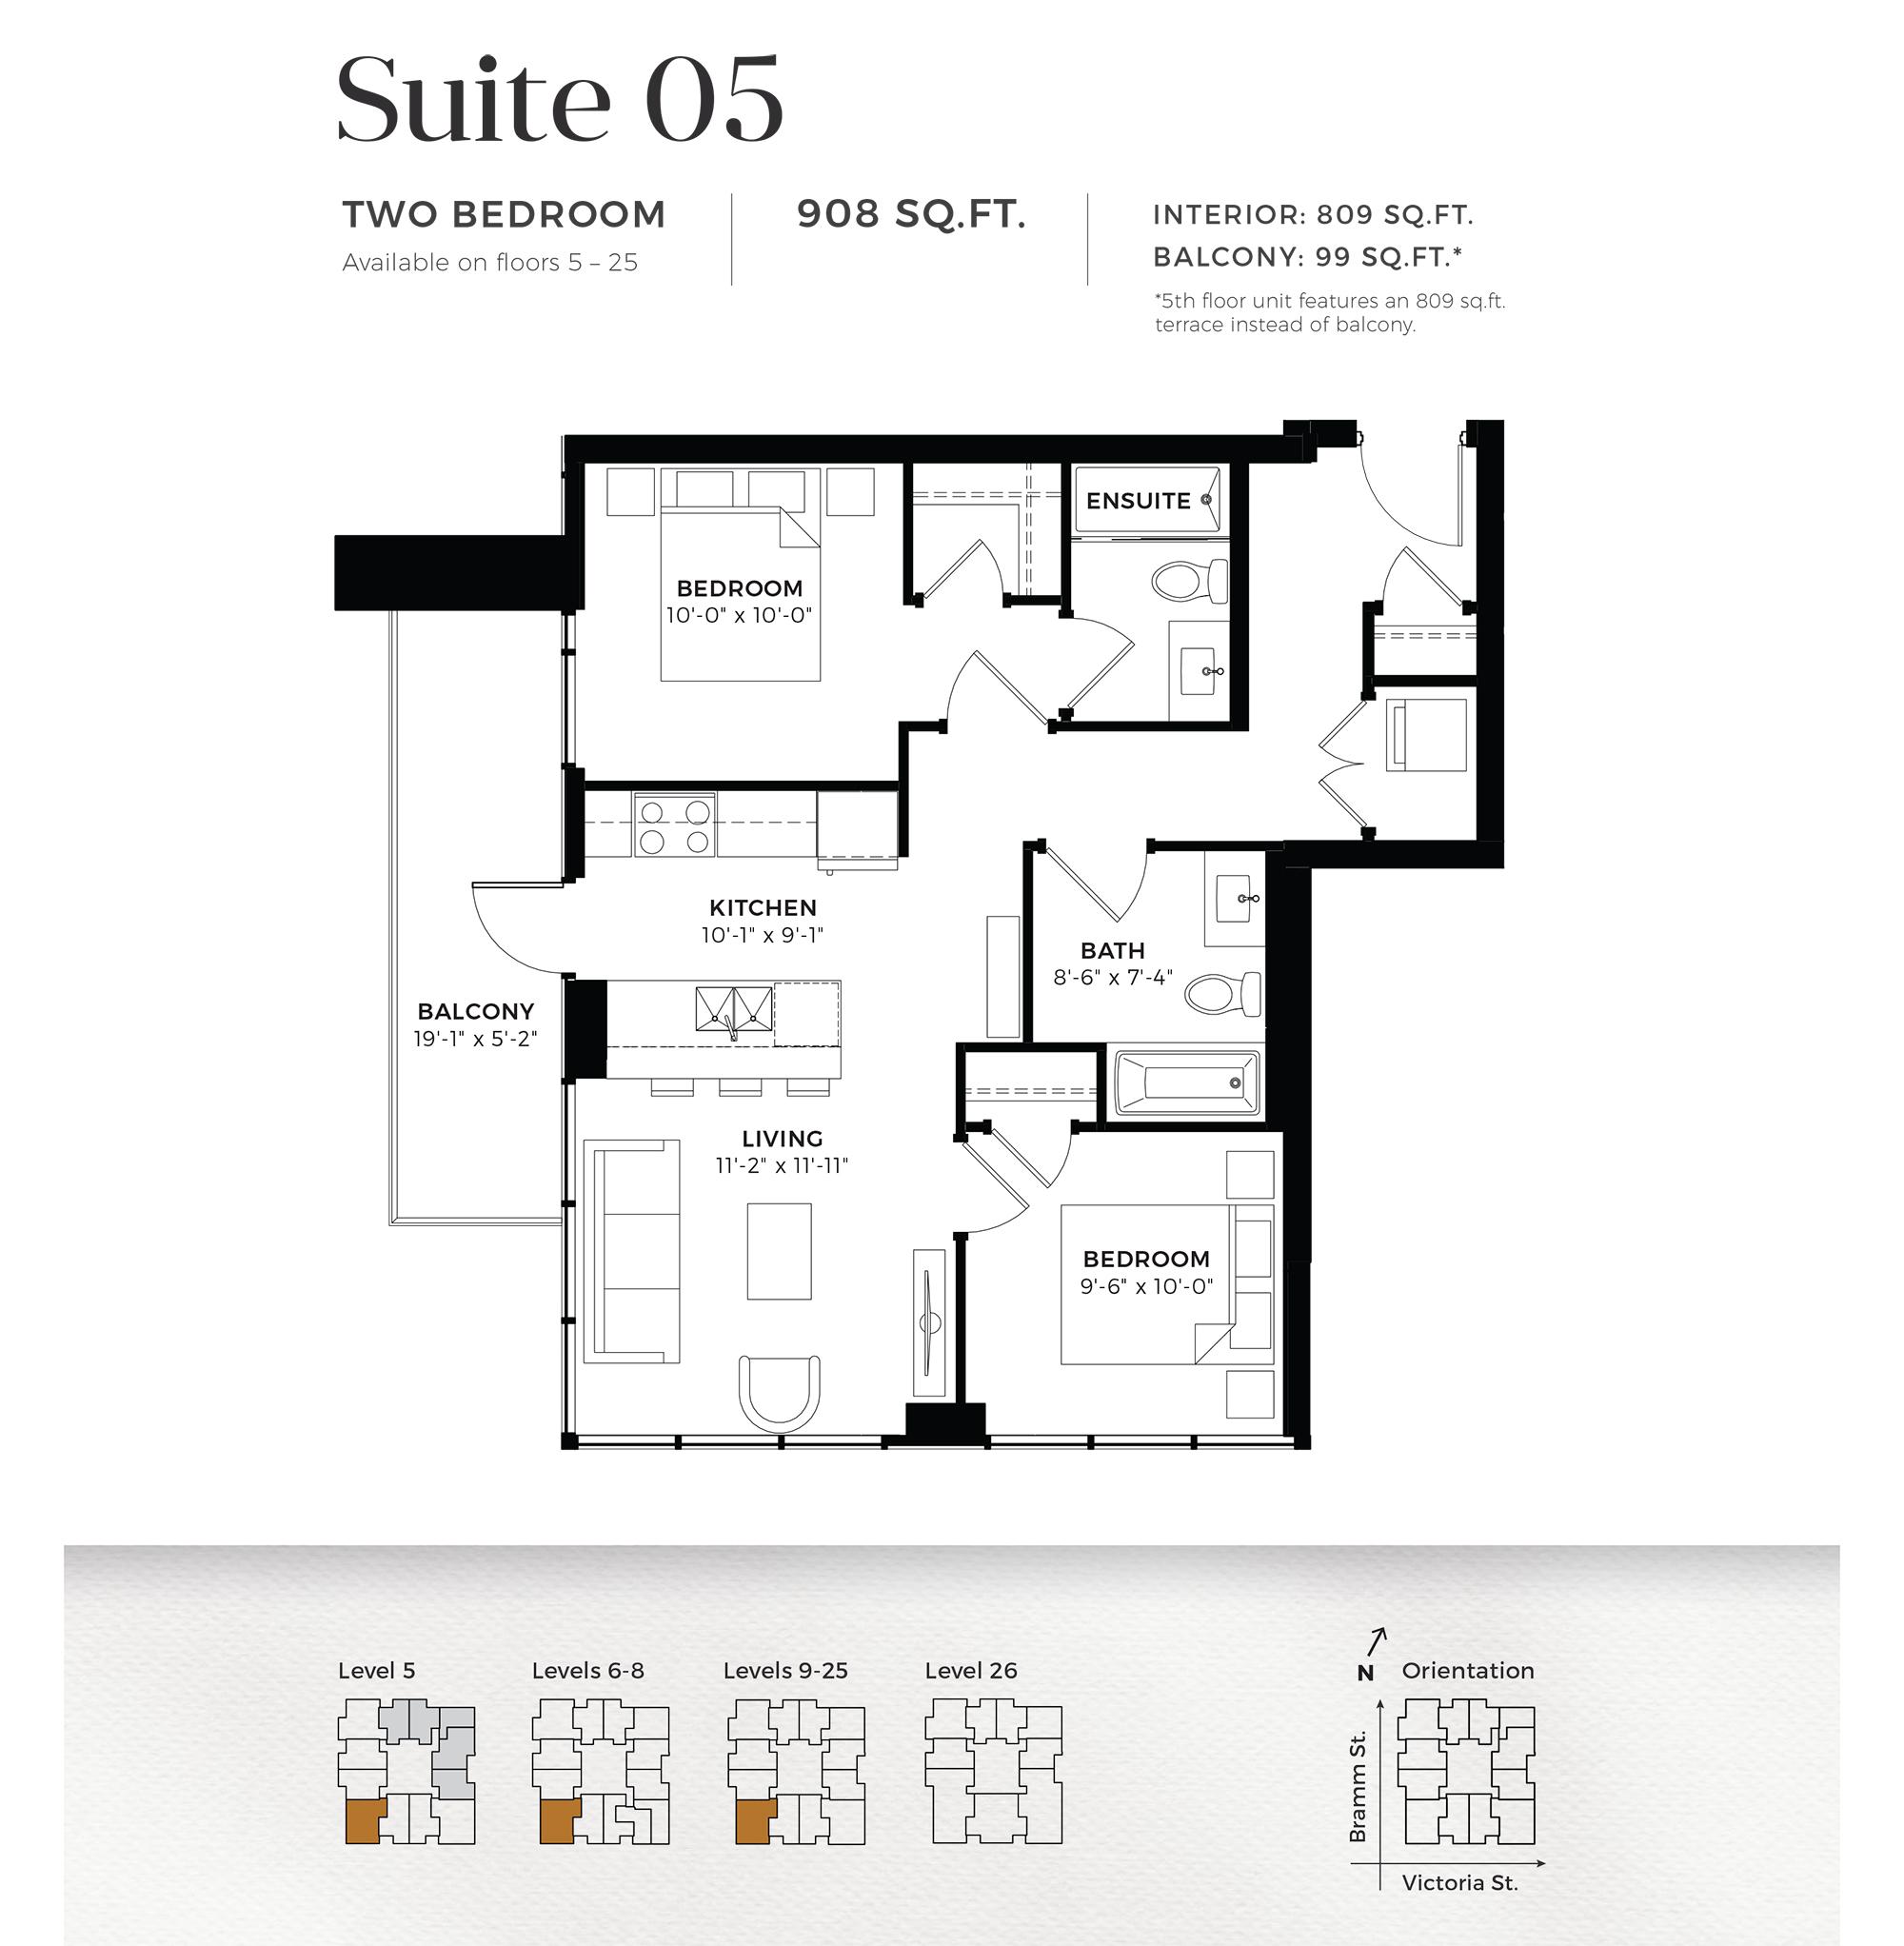 Suite 05